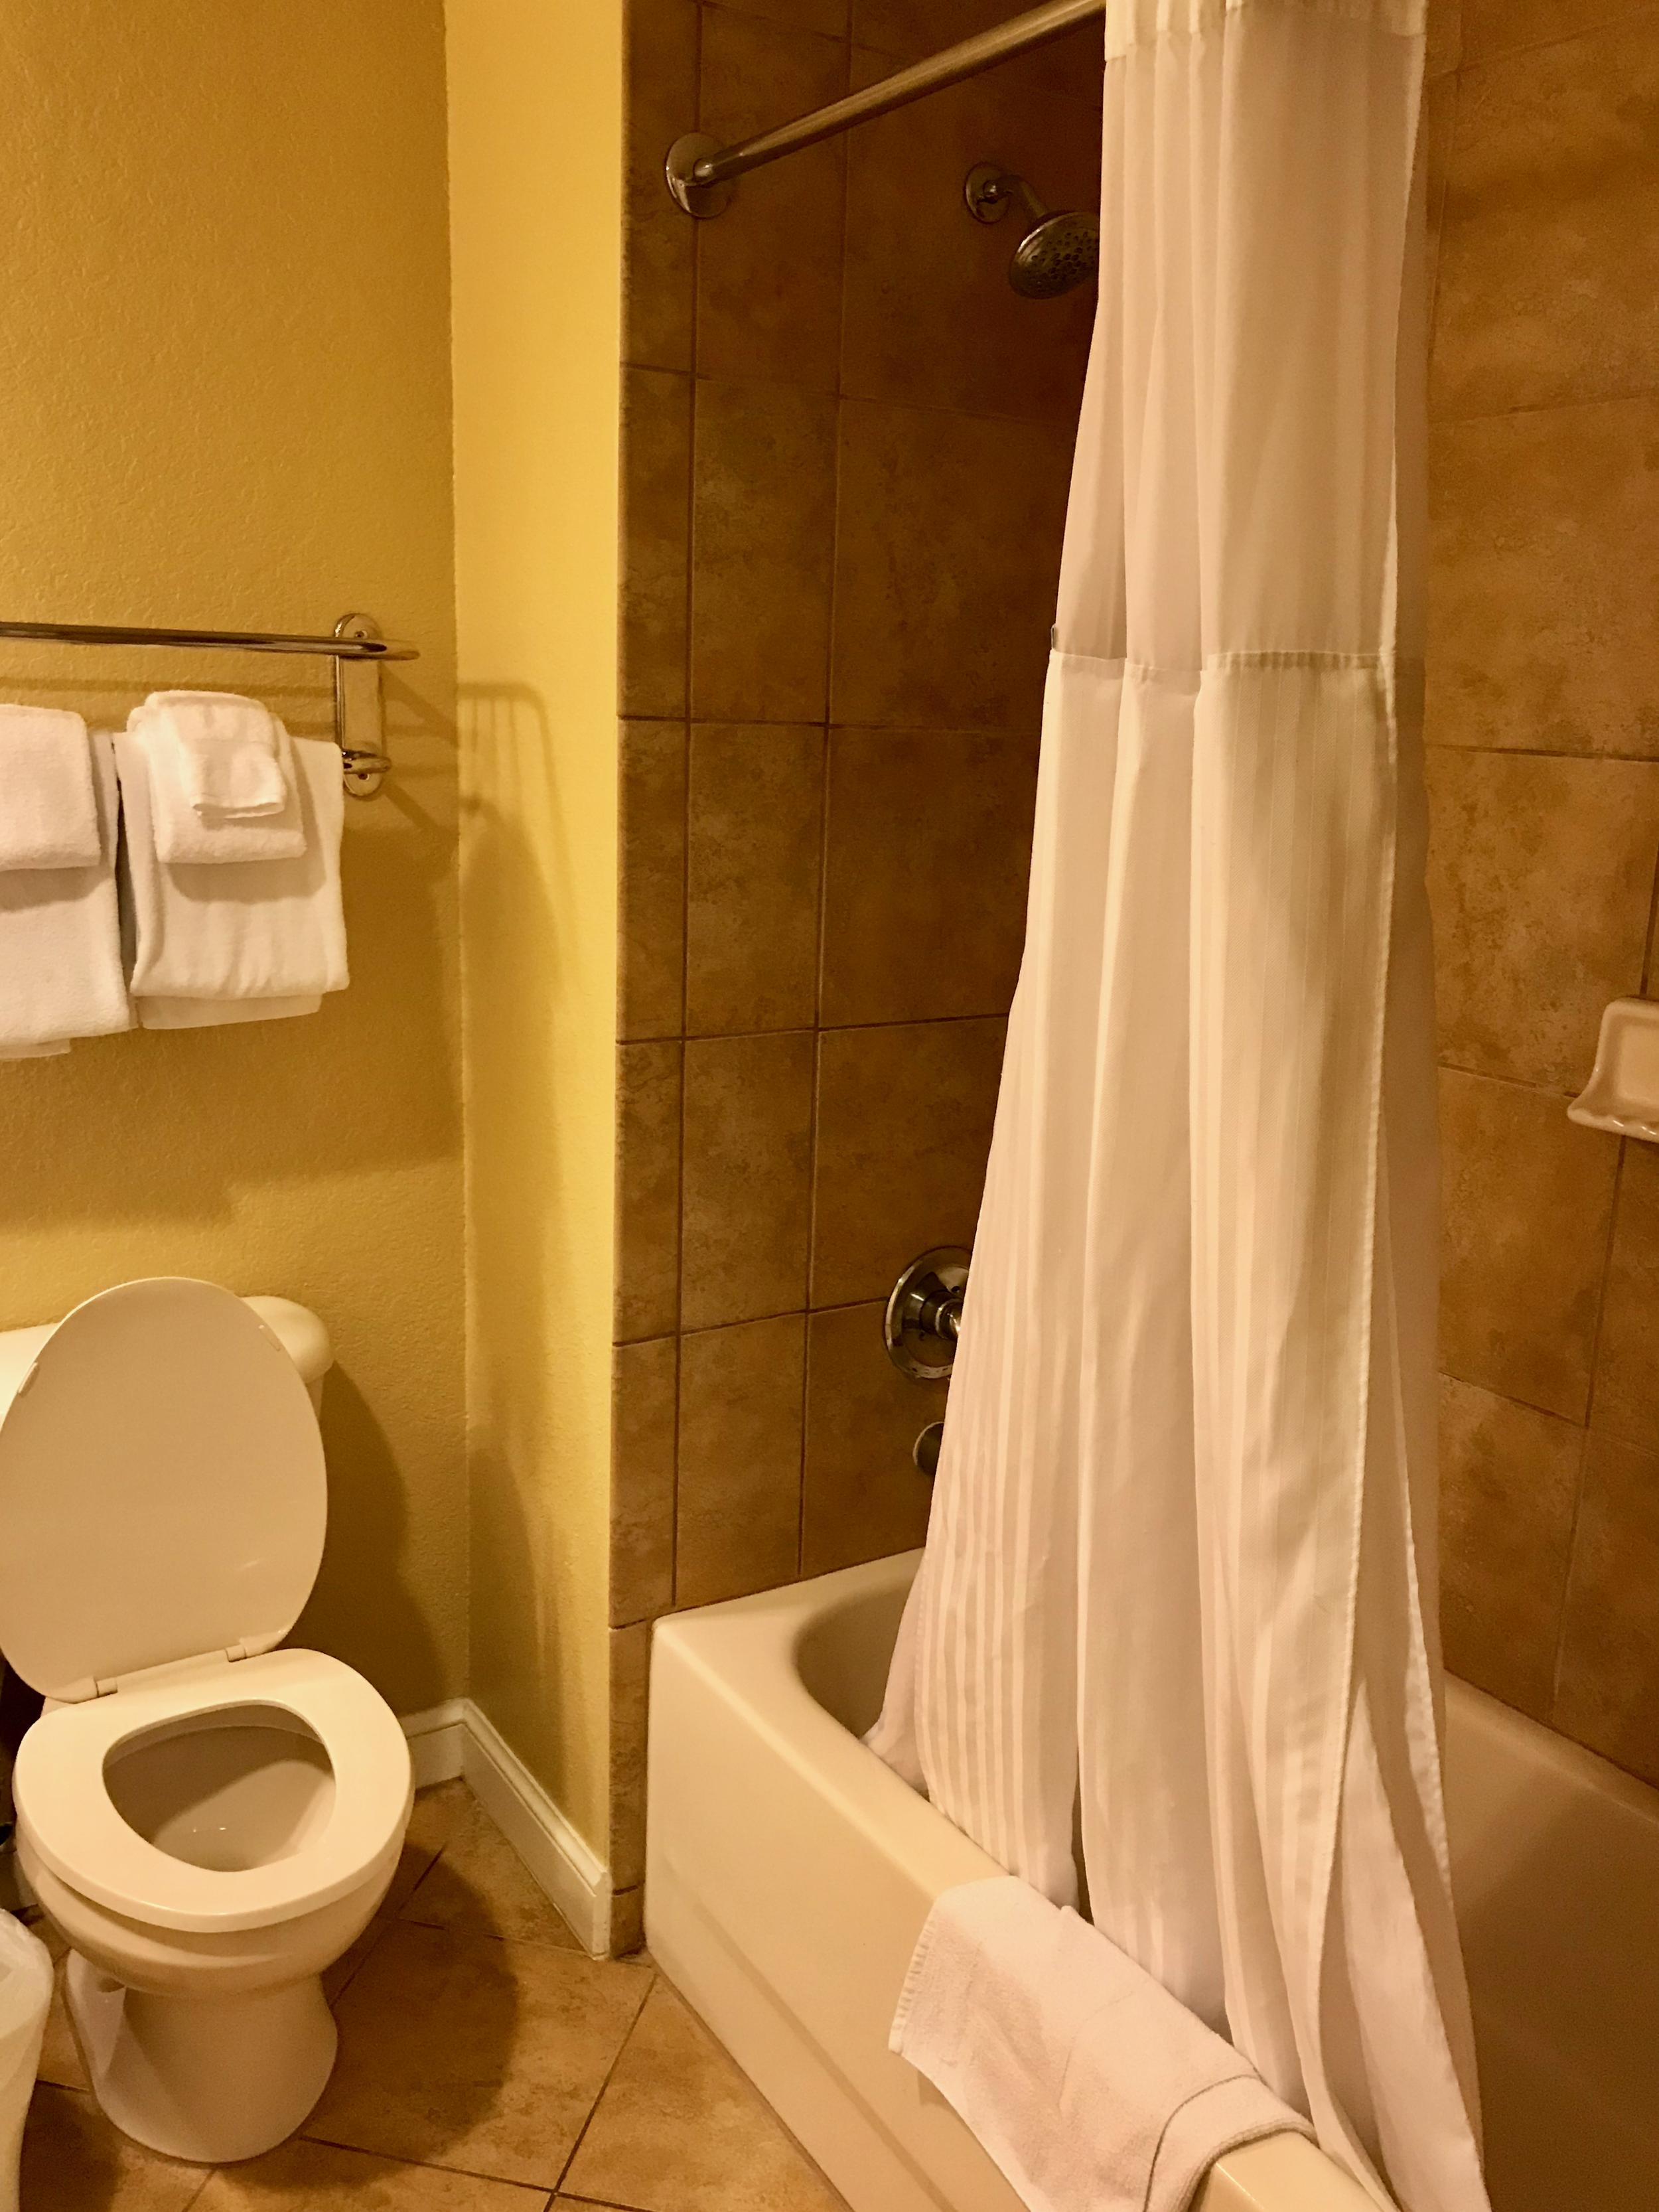 Condo second bathroom